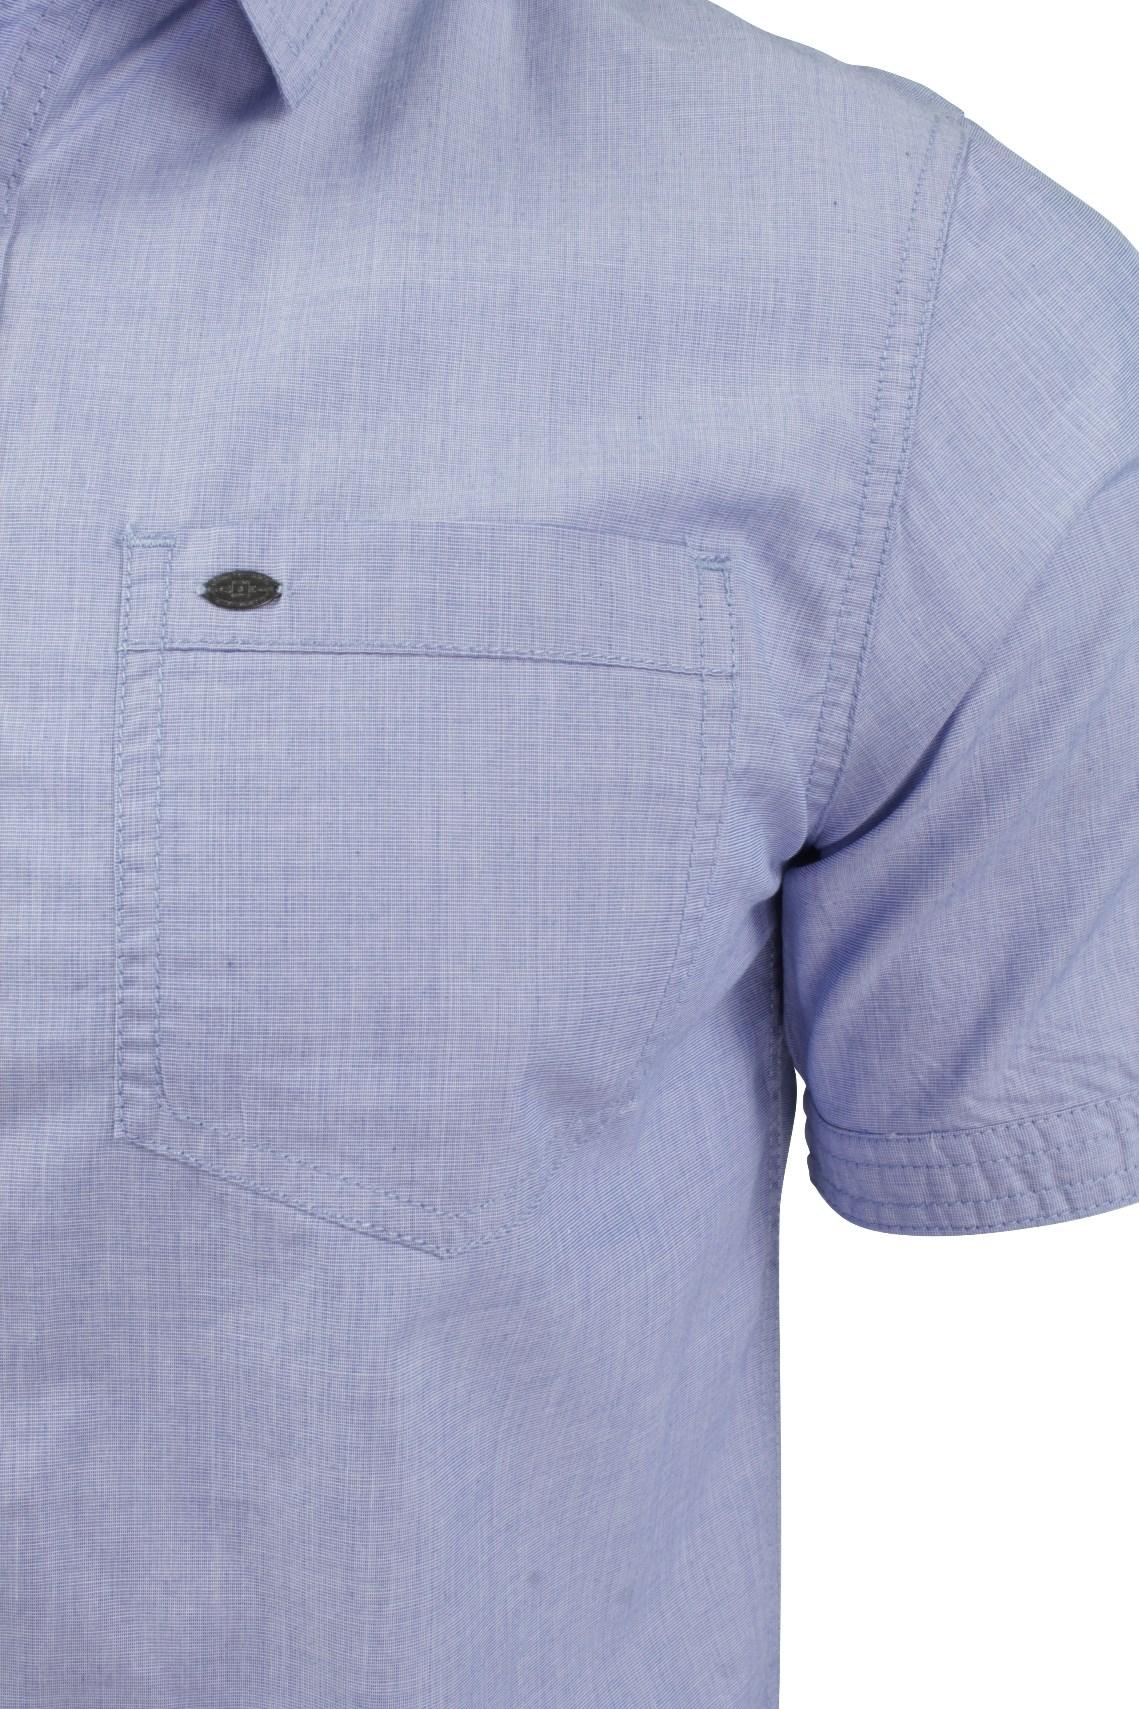 Mens-Shirt-by-Tokyo-Laundry-Short-Sleeved thumbnail 4